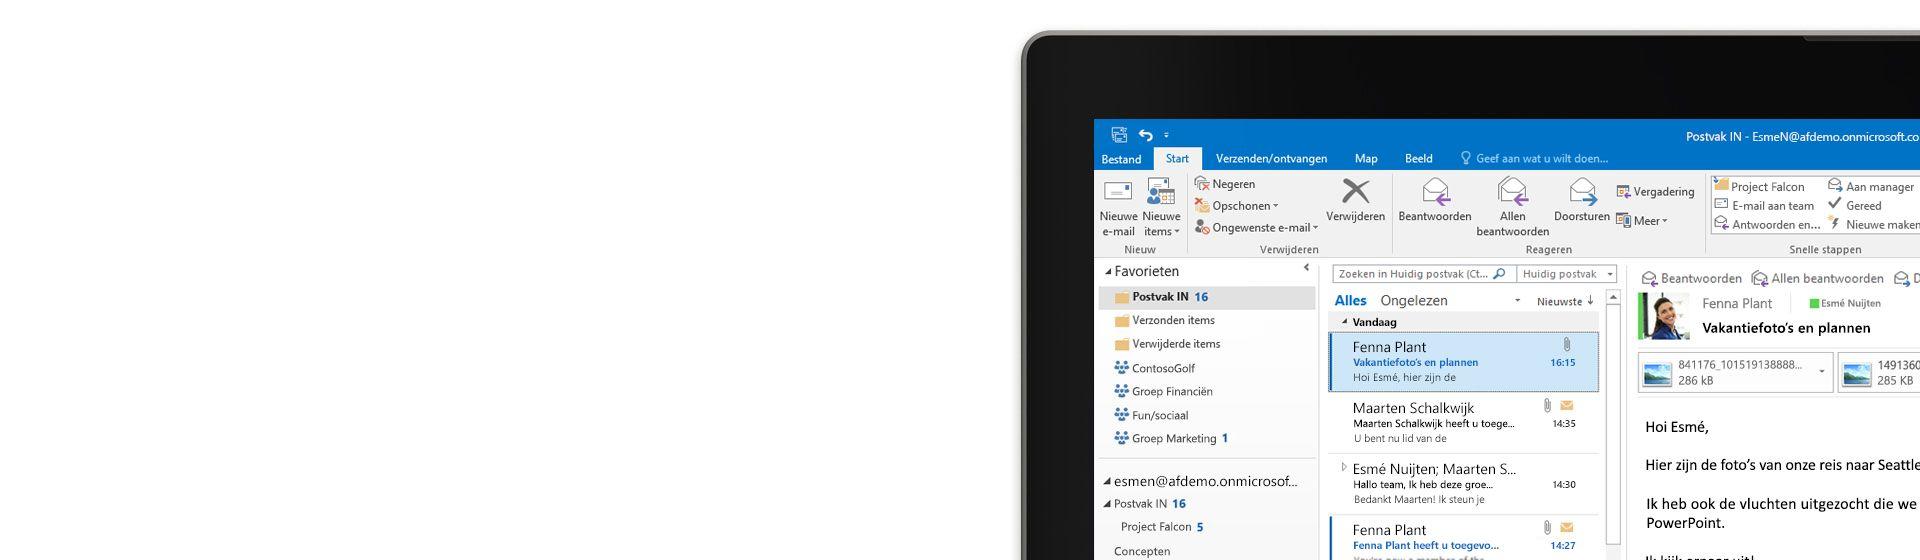 Microsoft Outlook op een tablet met een voorbeeldvenster van een bericht